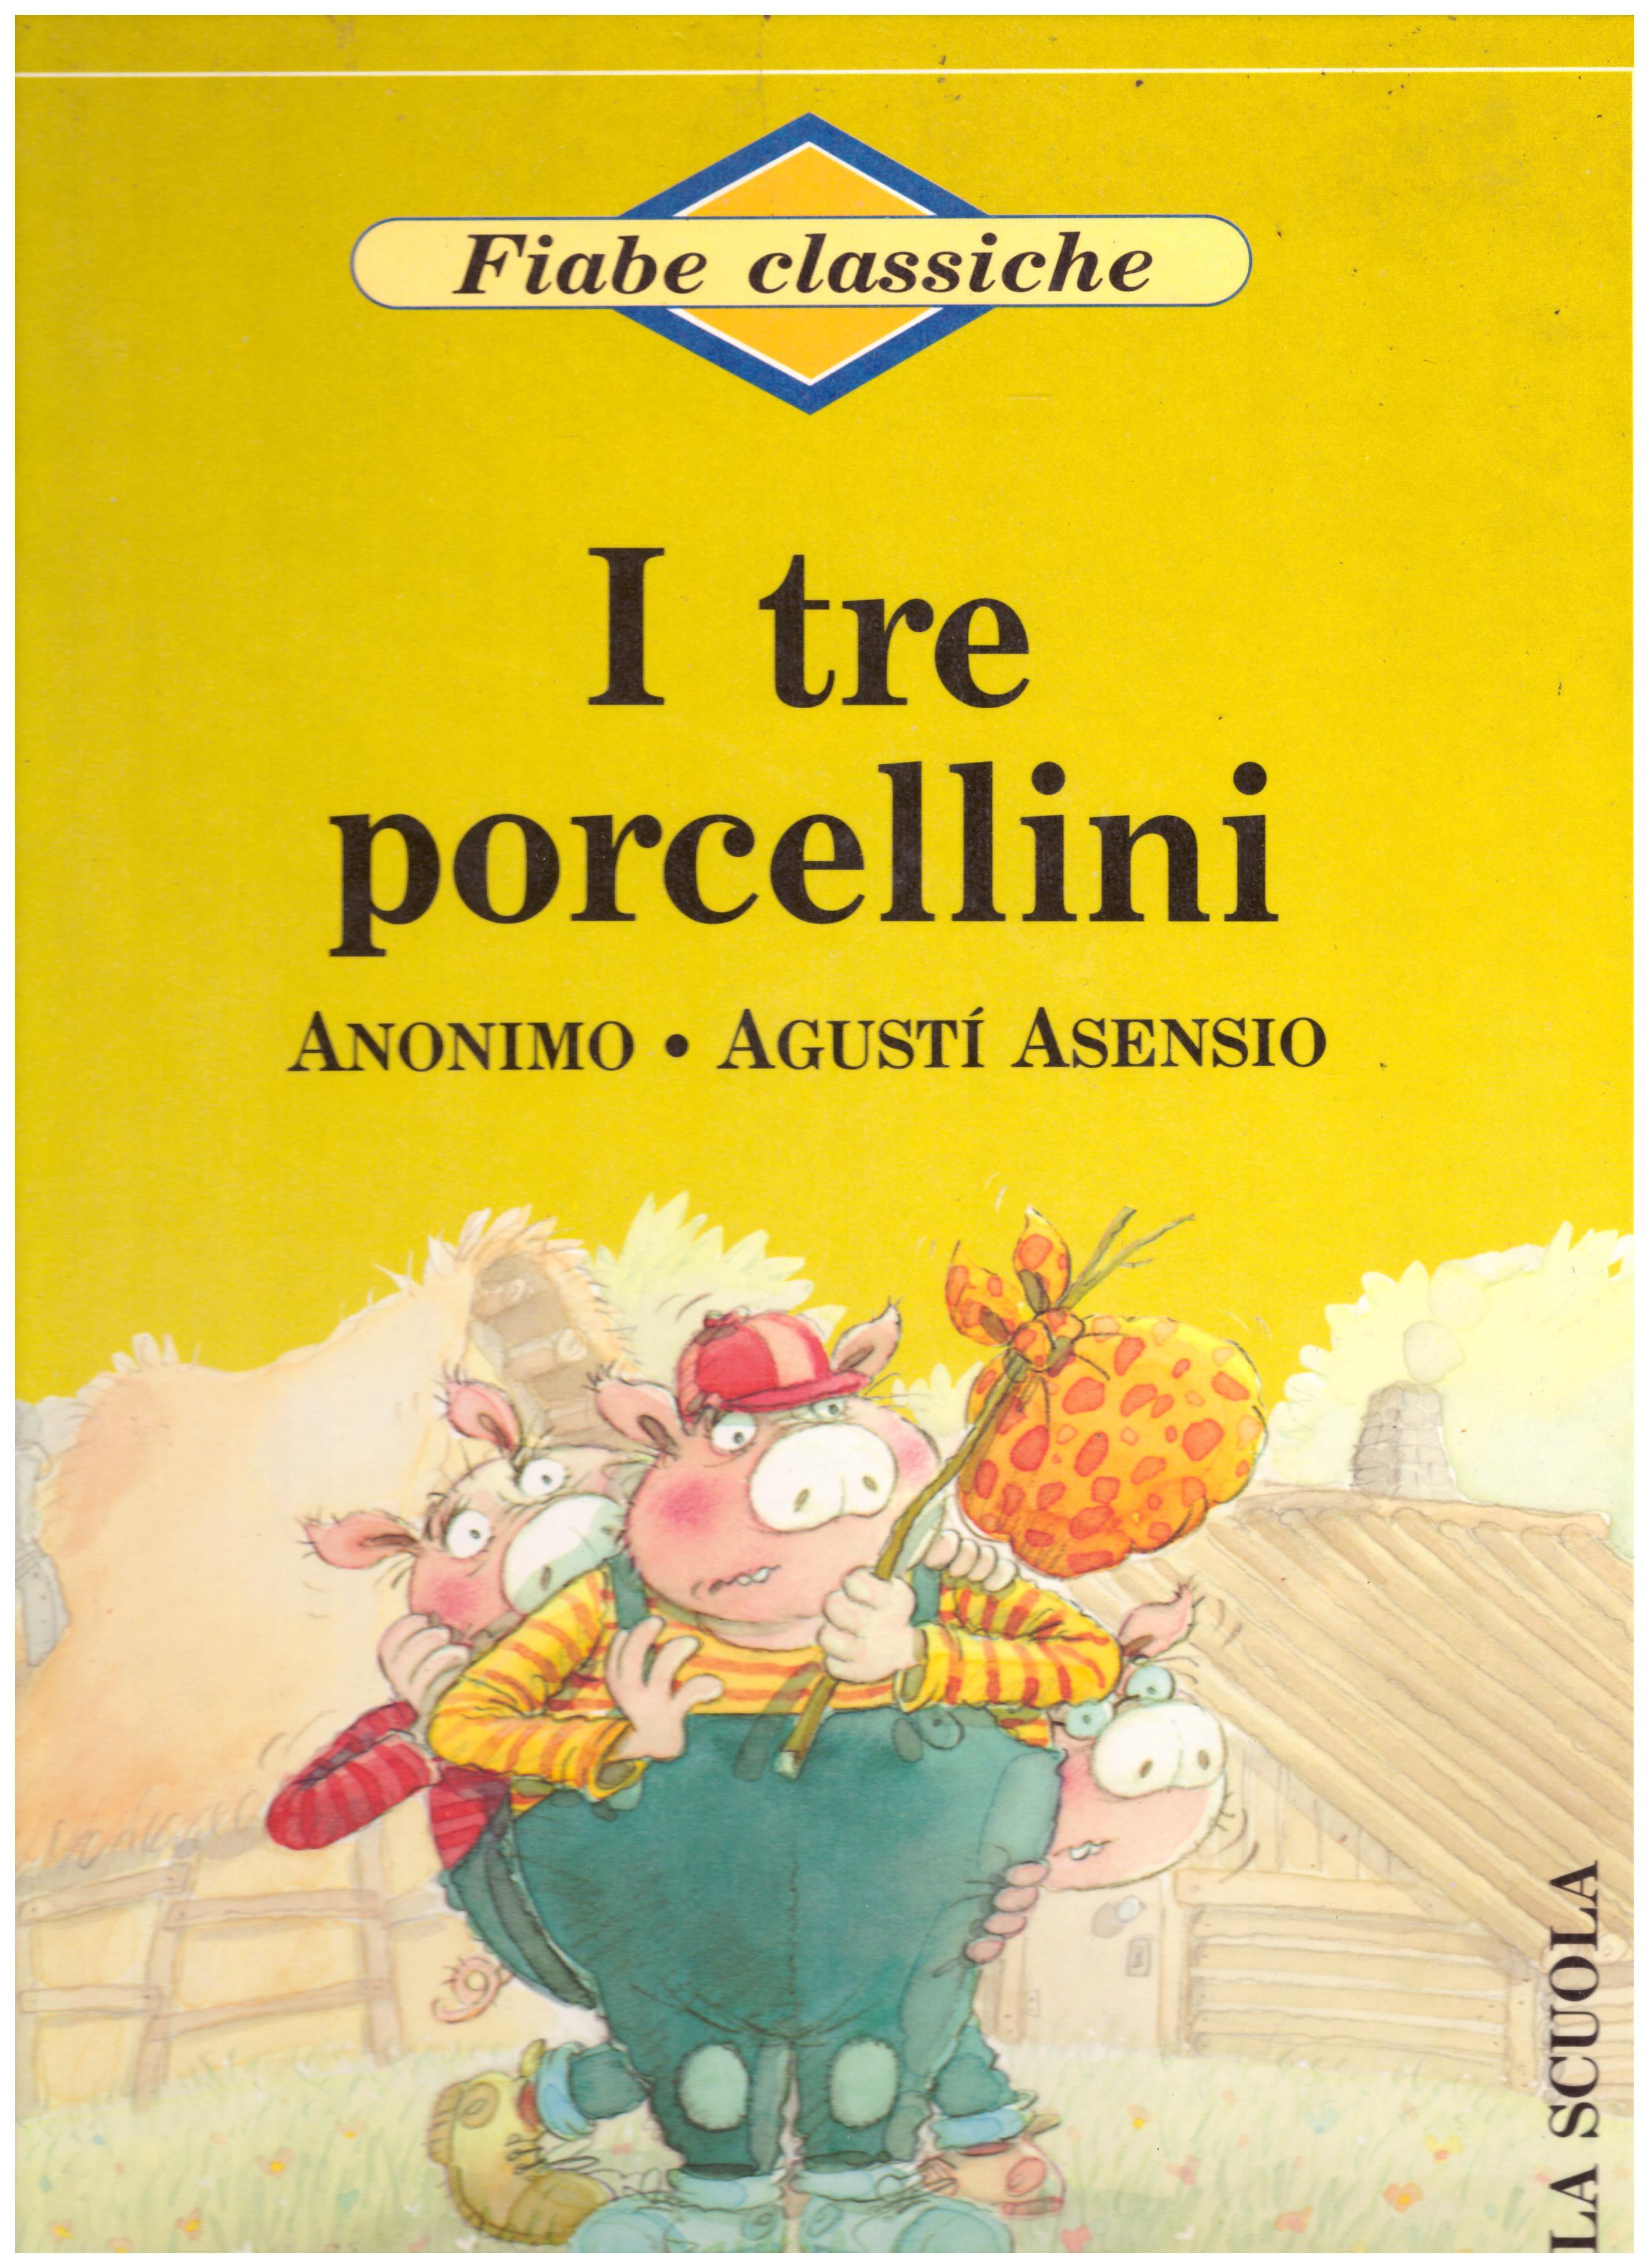 Titolo: I tre porcellini    Autore: Anonimo, Agustì Asensio    Editore: Lito editrice